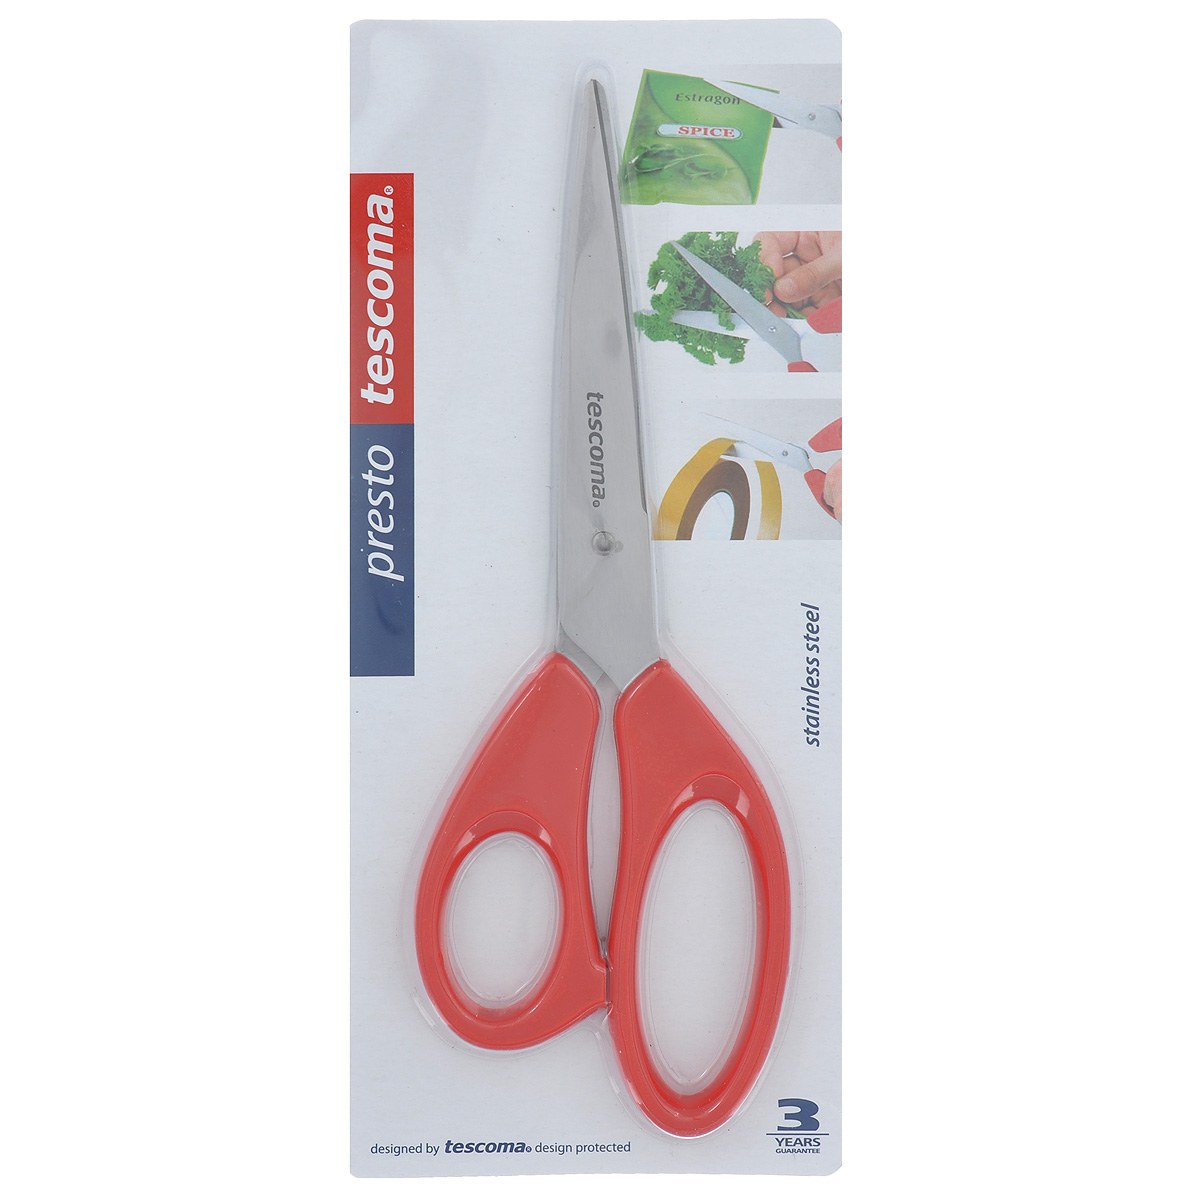 Ножницы Tescoma Presto, универсальные, цвет: красный, 22 см888214Ножницы Tescoma Presto, легкие и удобные в использовании, изготовлены из первоклассной нержавеющей стали. Ручки сделаны из прочной пластмассы. Универсальные ножницы пригодны для резки всех обычных материалов - бумаги, ткани и др.